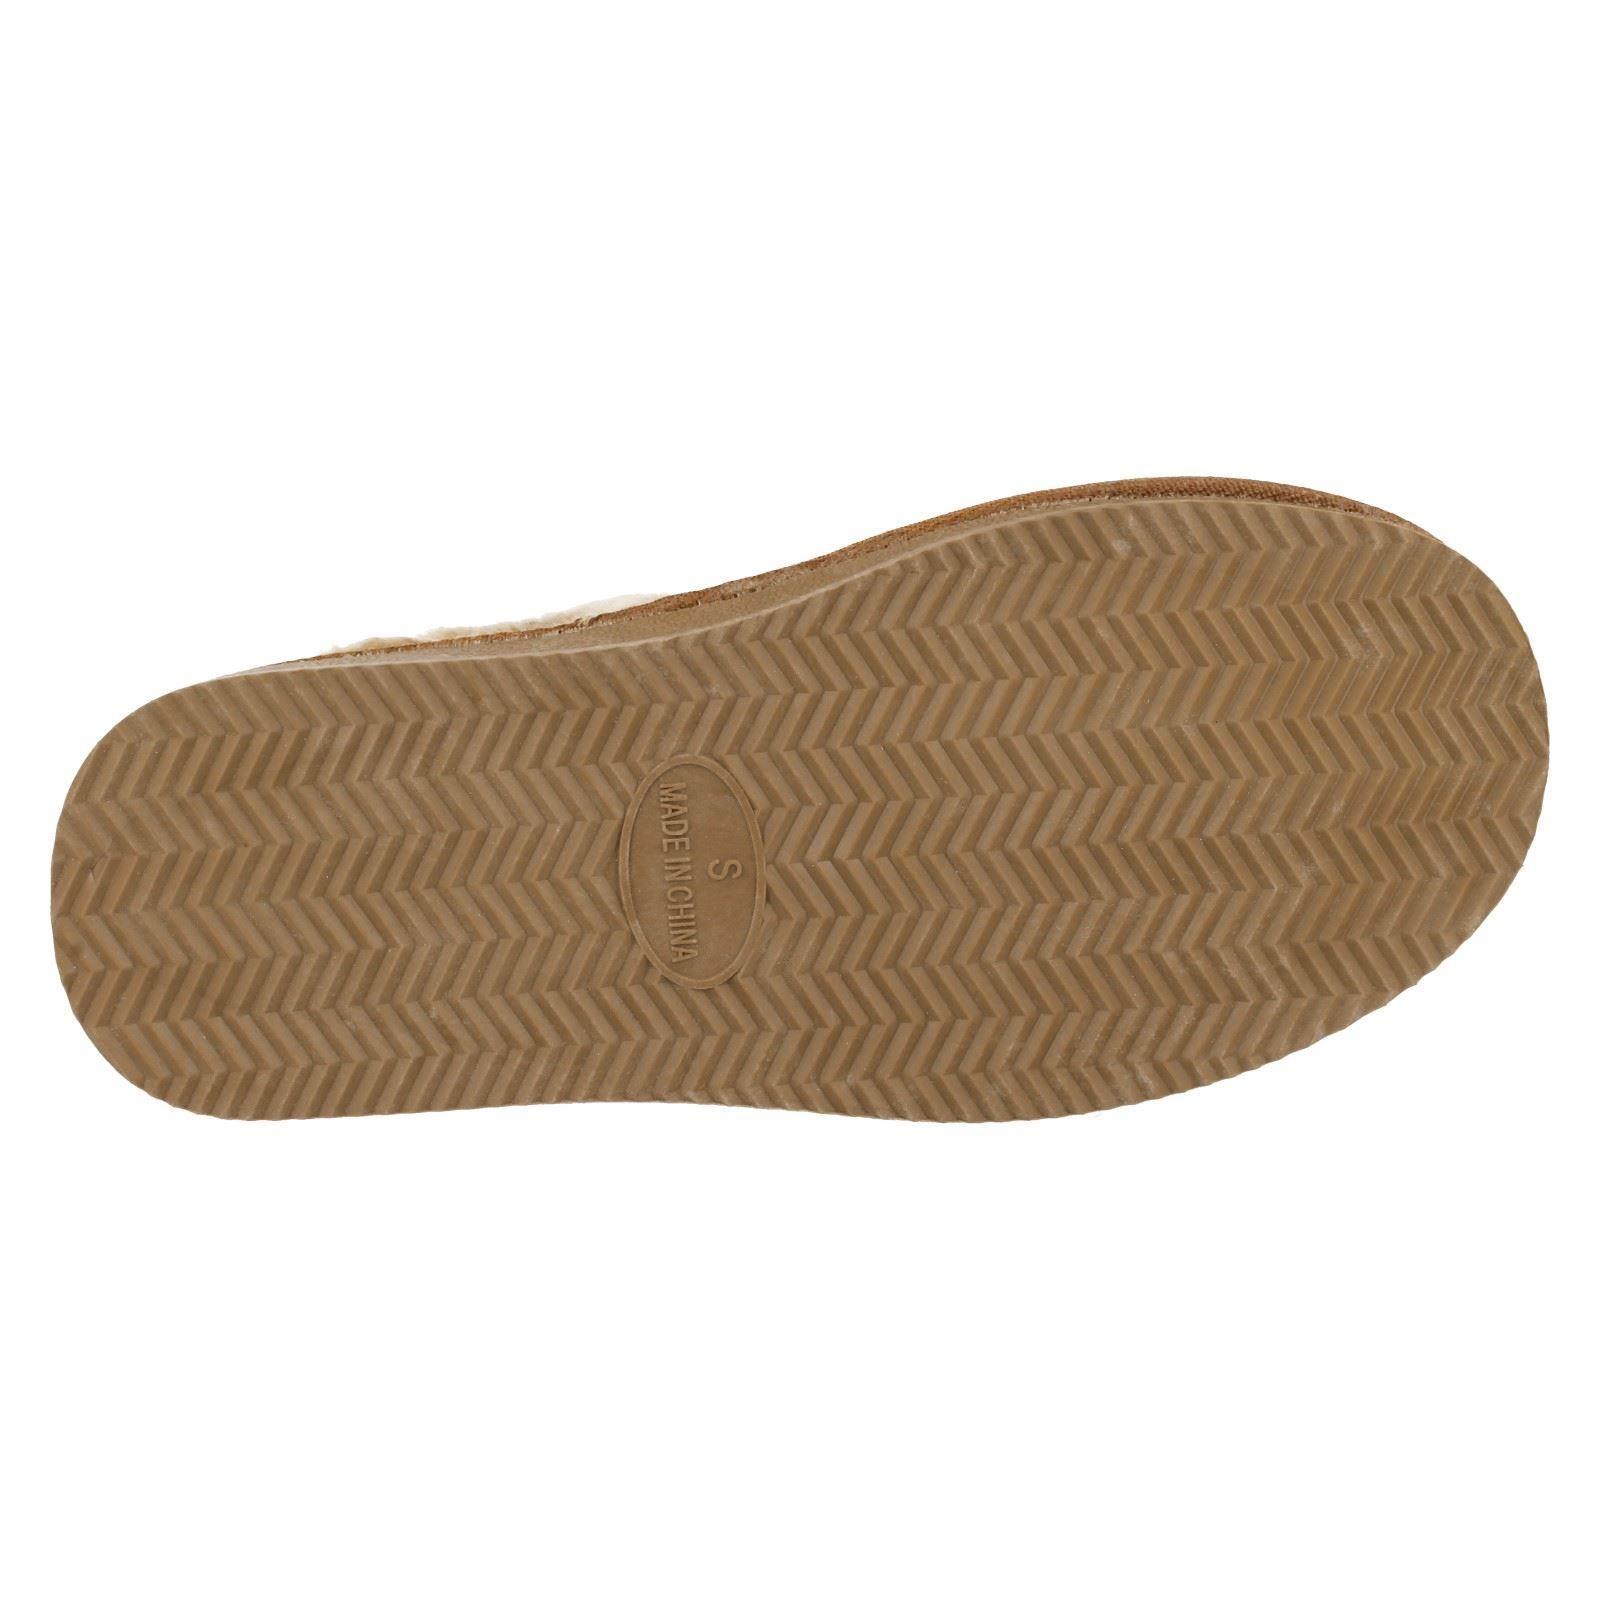 Señoras Mountain Gear Zapatillas Etiqueta DH-14-WS-W16/KOR/230 - 235